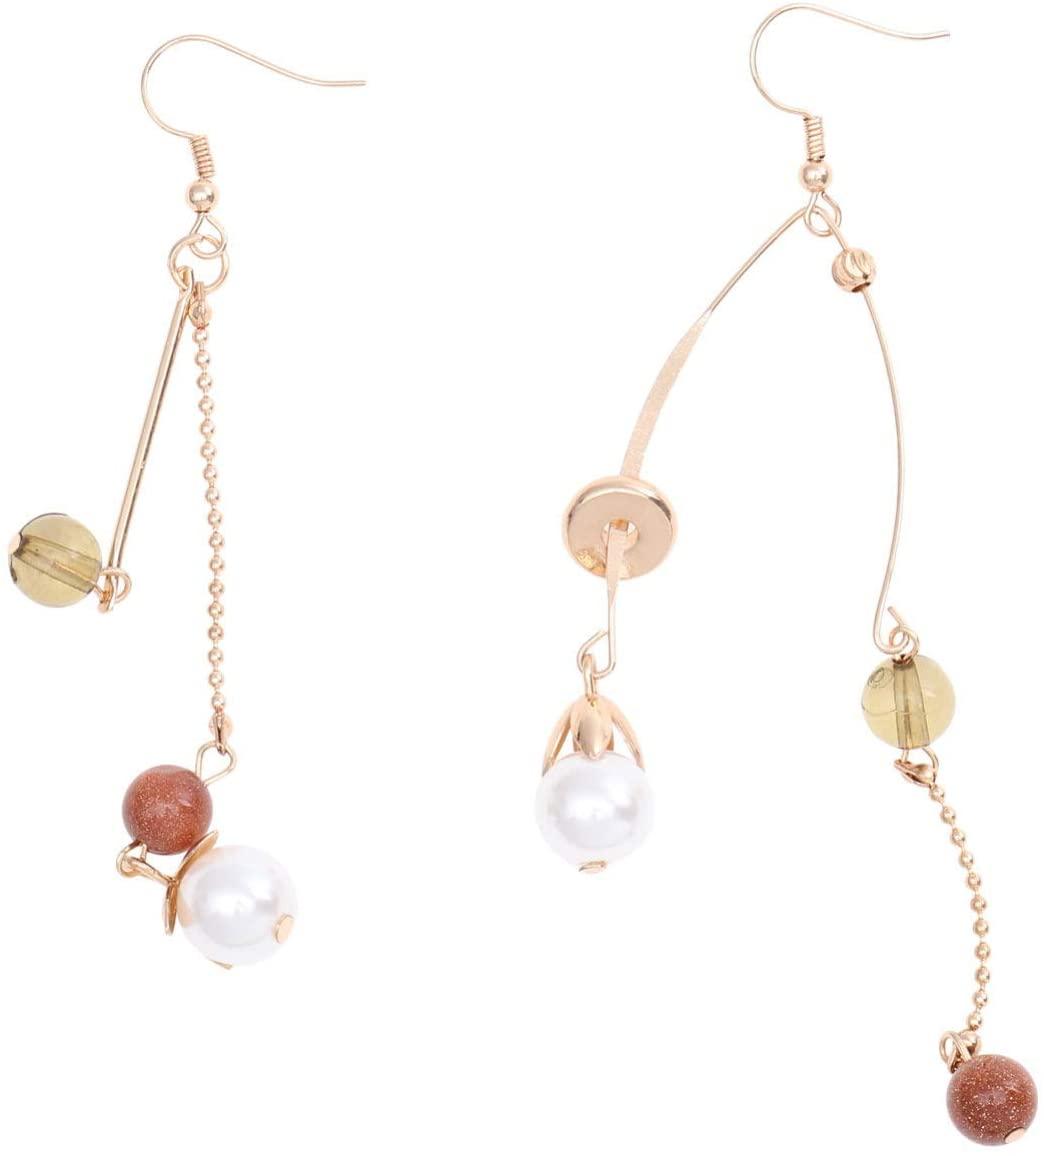 Holibanna Long Tassel Pearl Earrings Asymmetric Bead Dangle Drop Earrings Crystal Retro Ear Jewelry for Women Lady